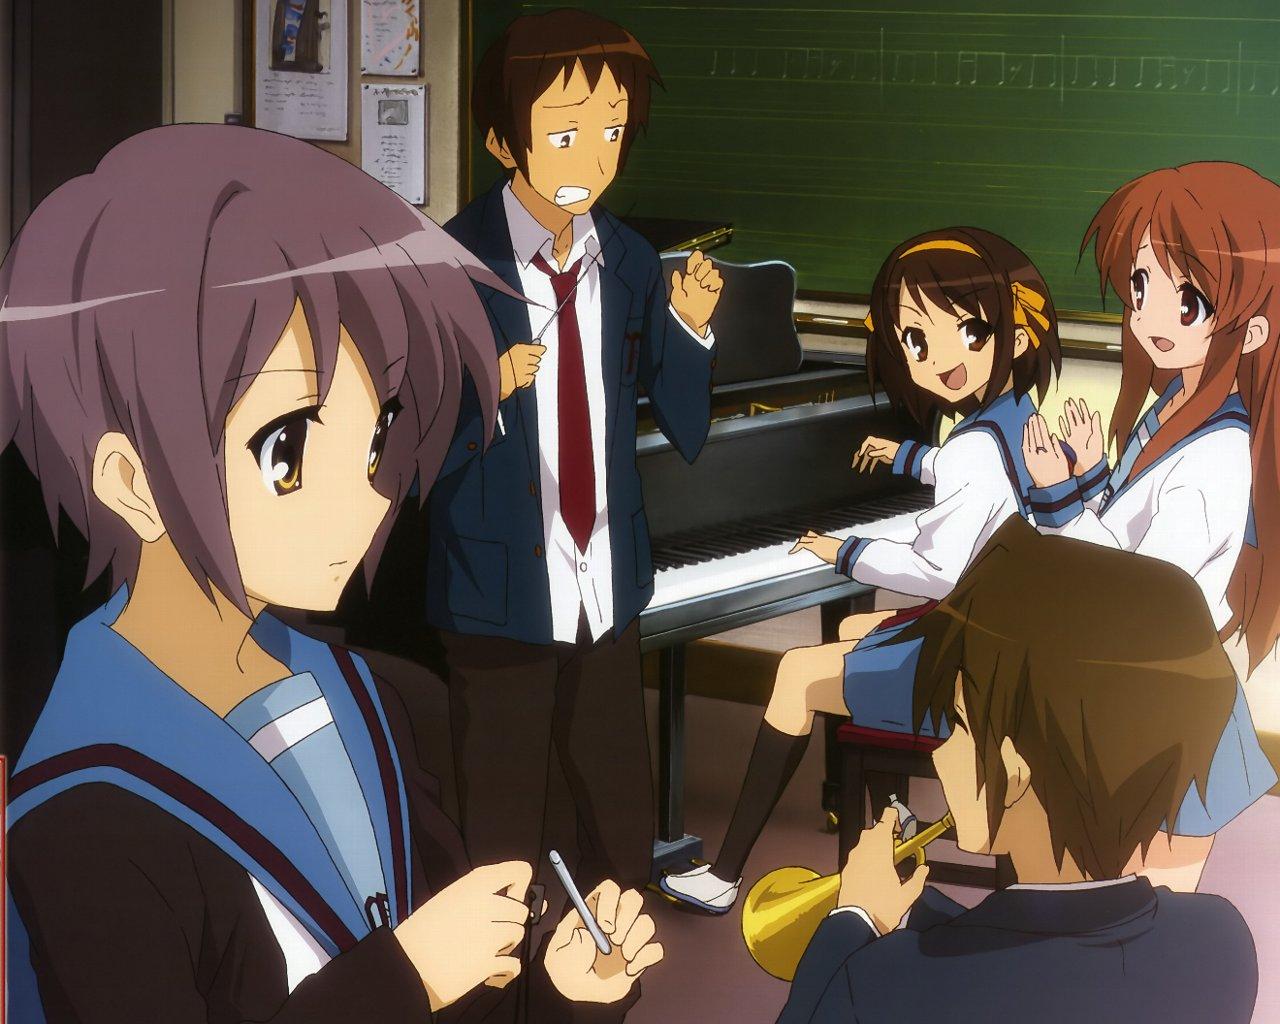 ピアノの前で談笑している「涼宮ハルヒの憂鬱」の画像